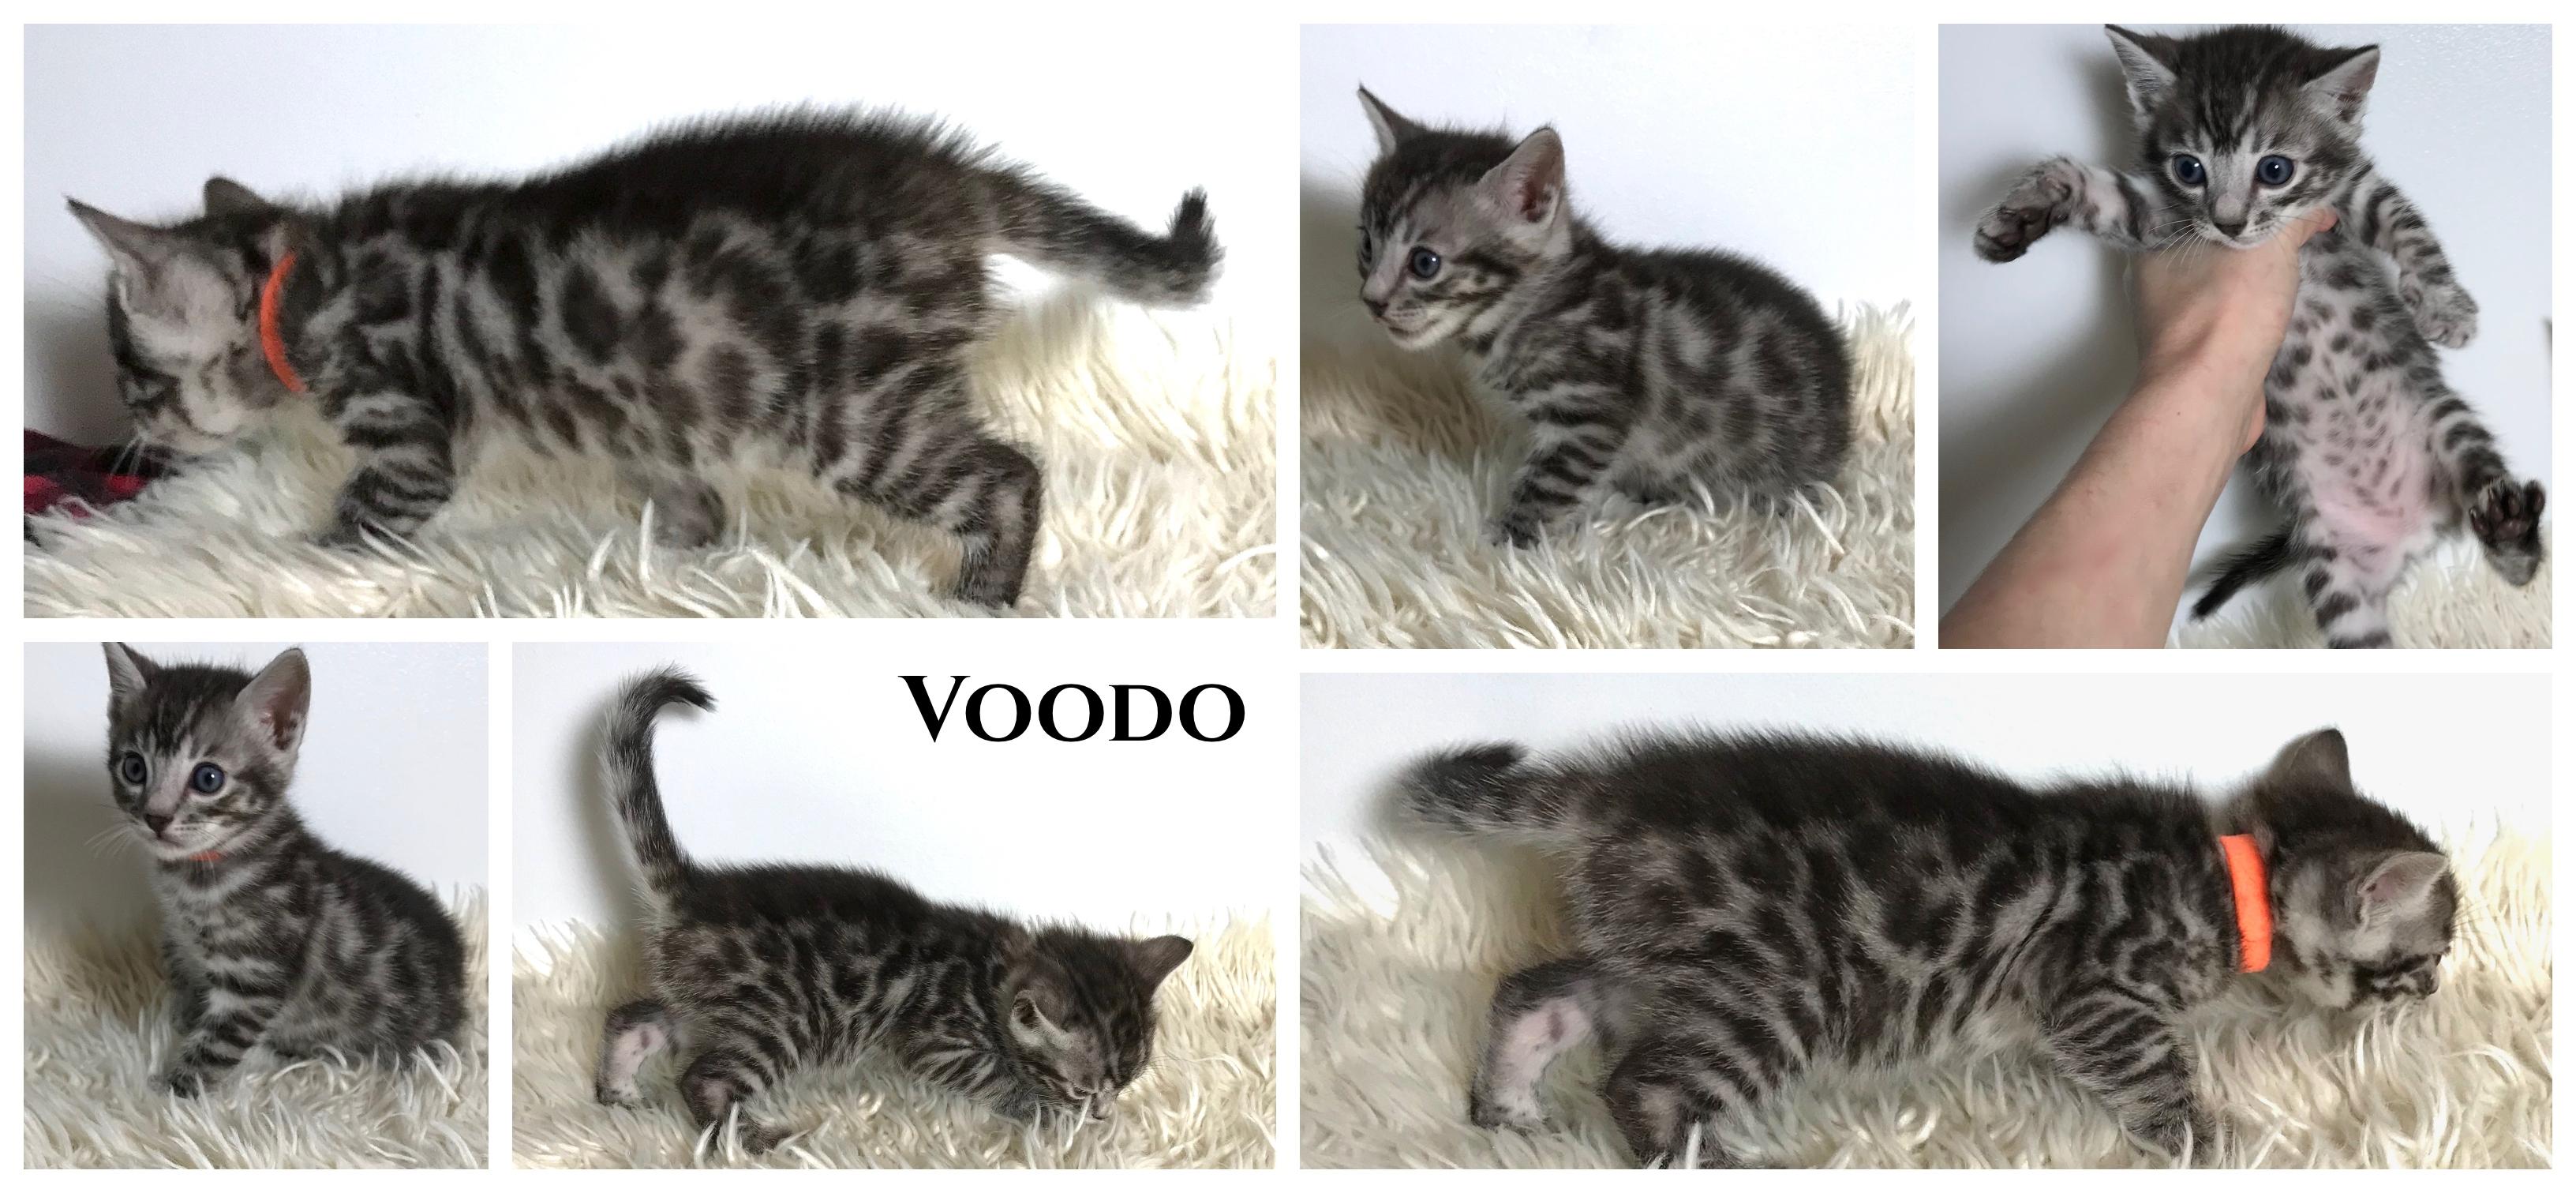 Voodo 5 weeks